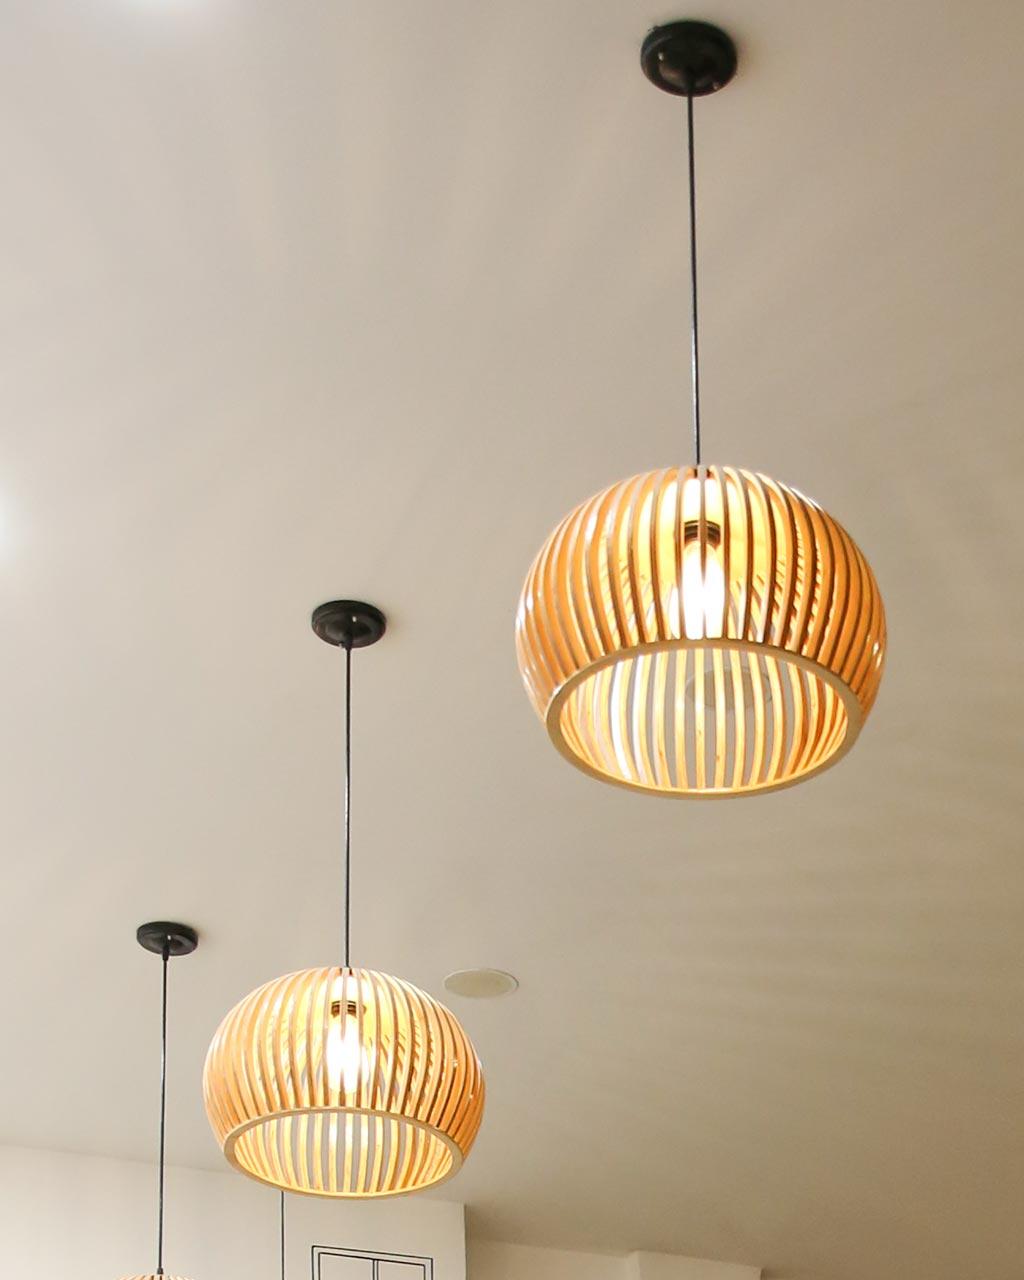 Đèn thả bằng gỗ giá rẻ cho quán cafe đẹp VIRGO DL109 • Đèn trang Trí cao  cấp Virgo